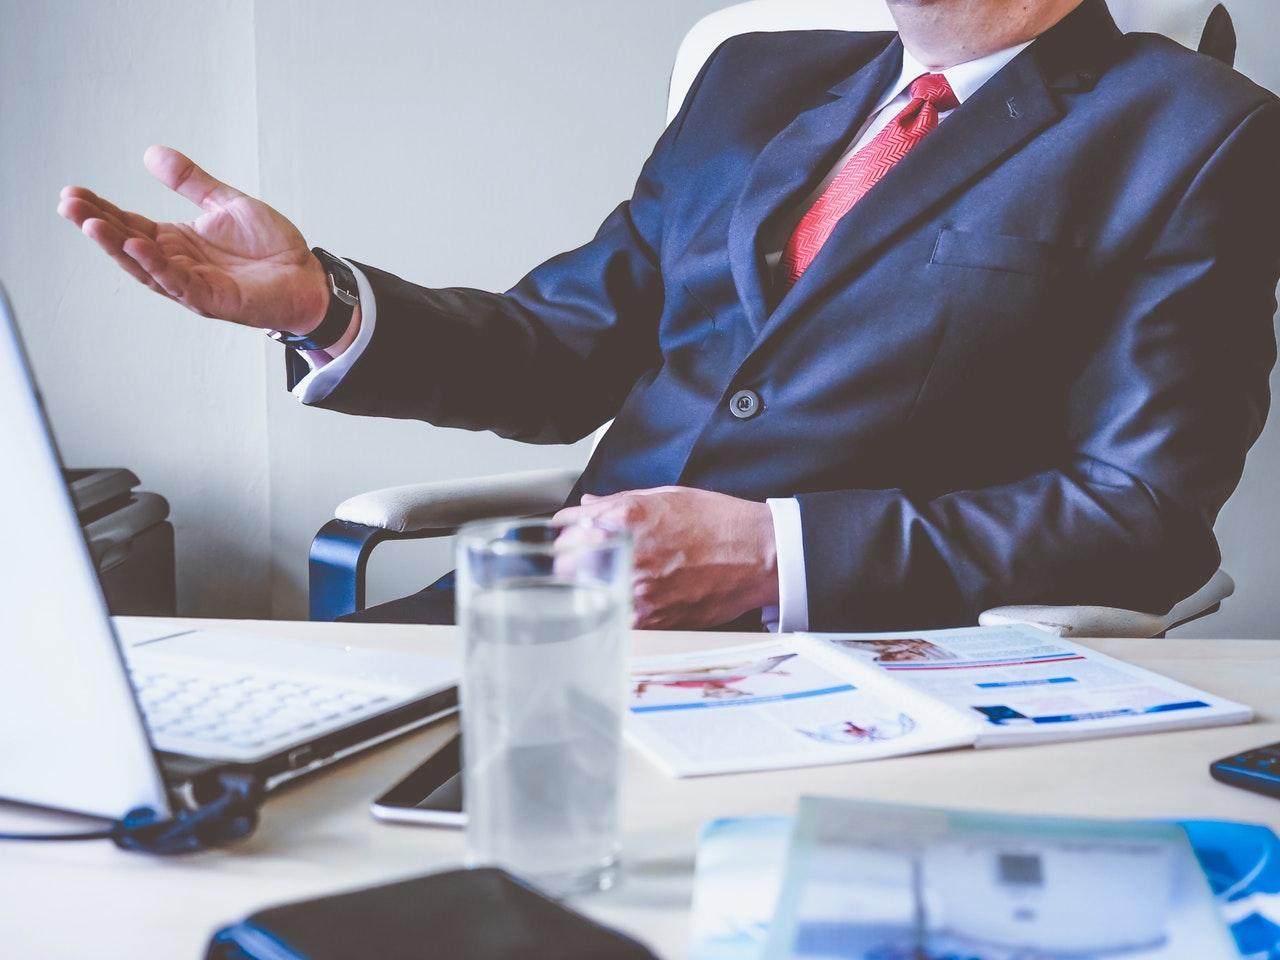 Corretor de Imóveis: como escolher seu corretor de imóveis?